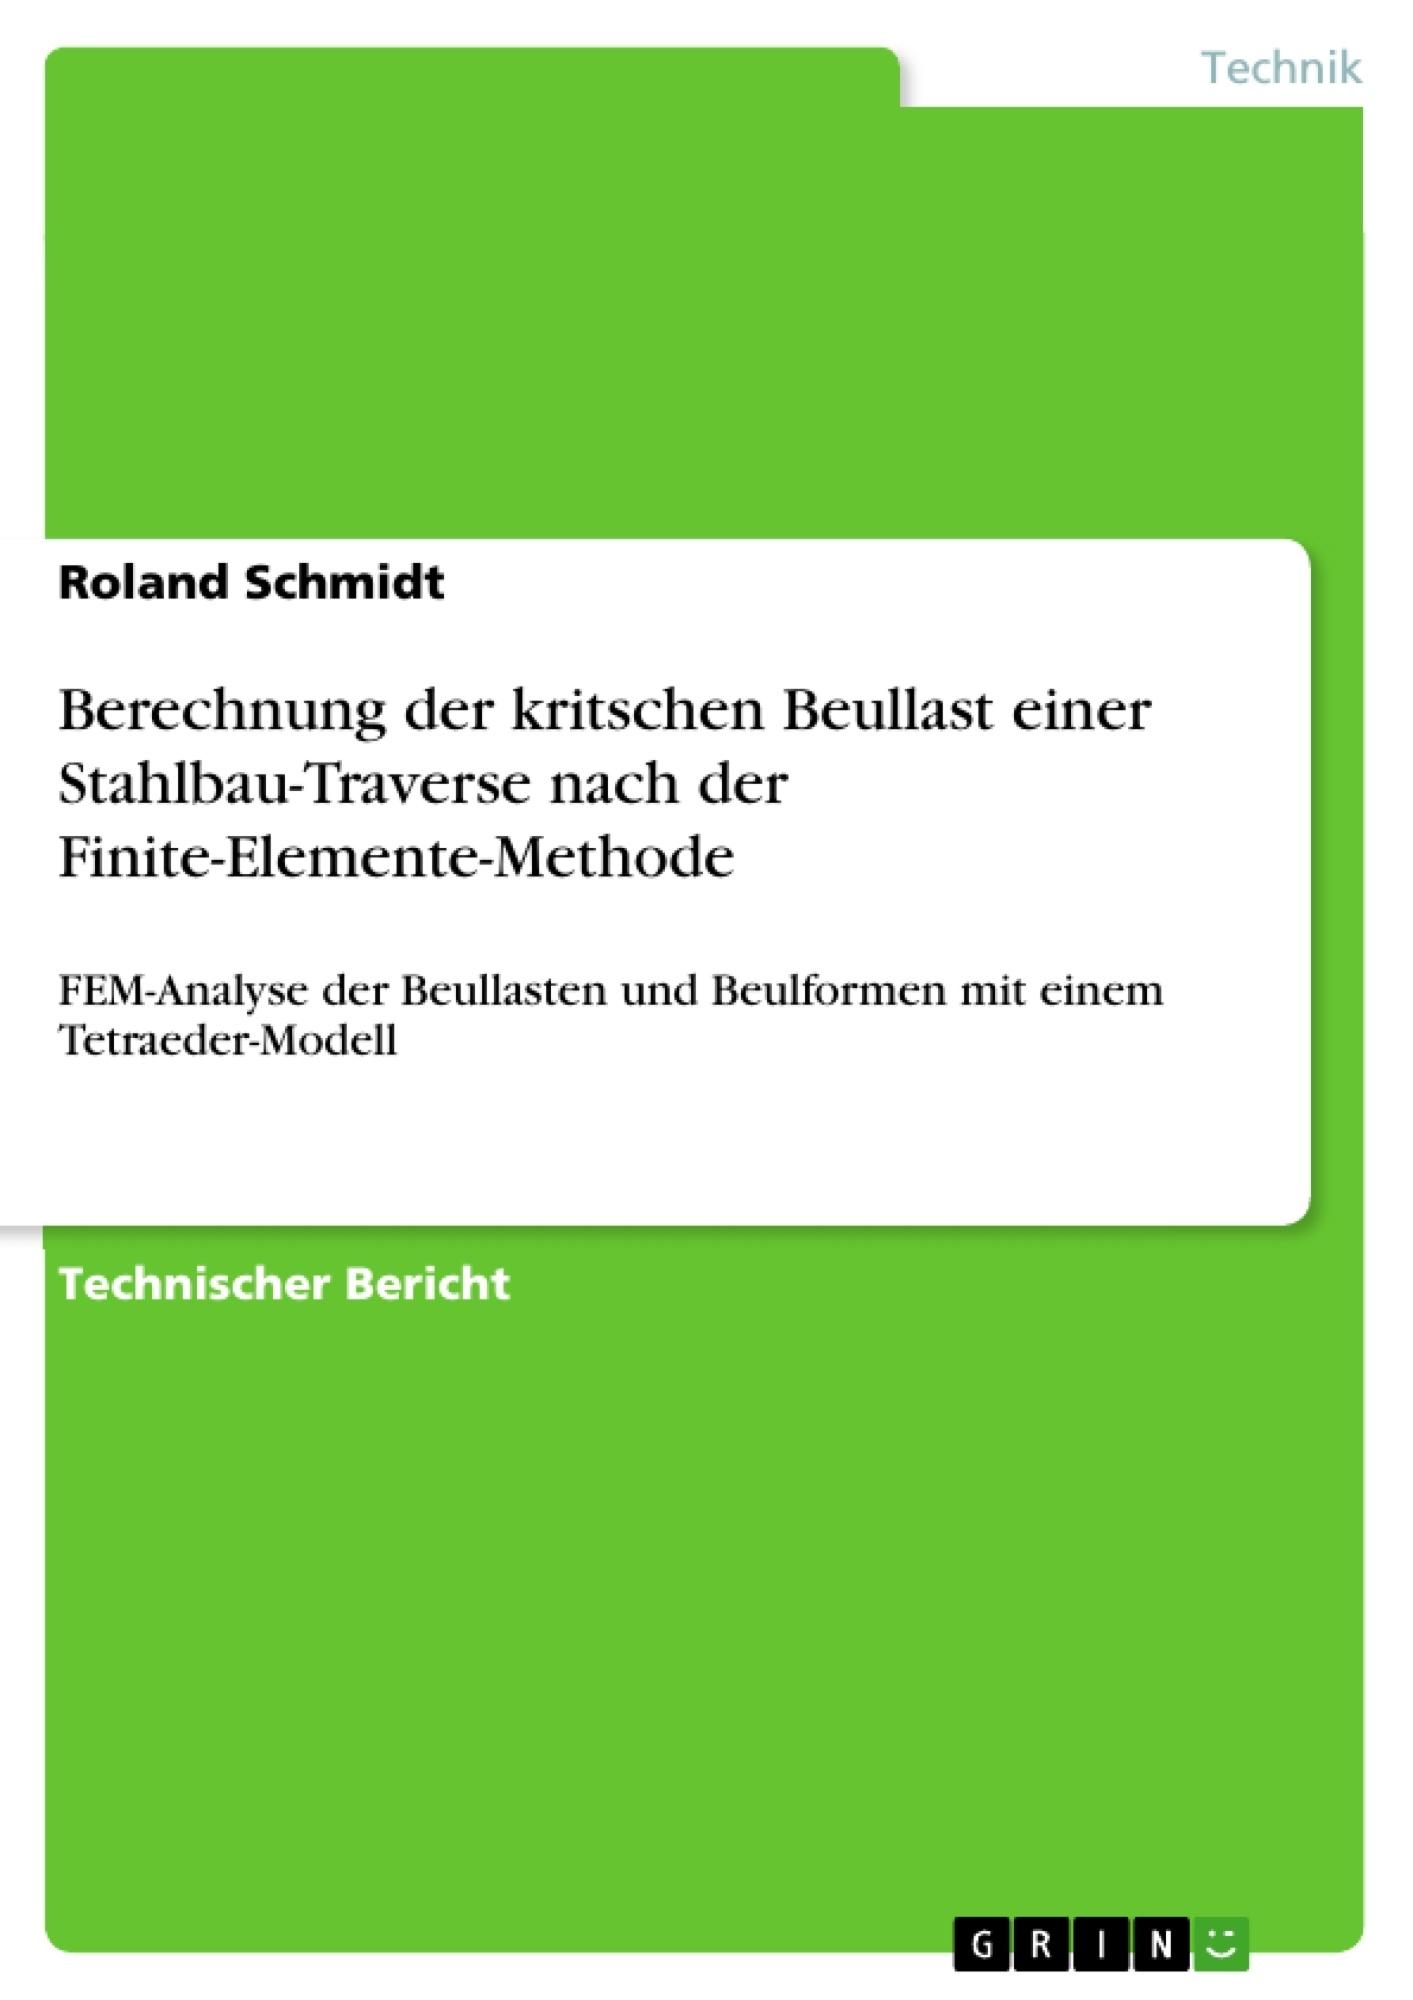 Titel: Berechnung der kritschen Beullast einer Stahlbau-Traverse nach der Finite-Elemente-Methode